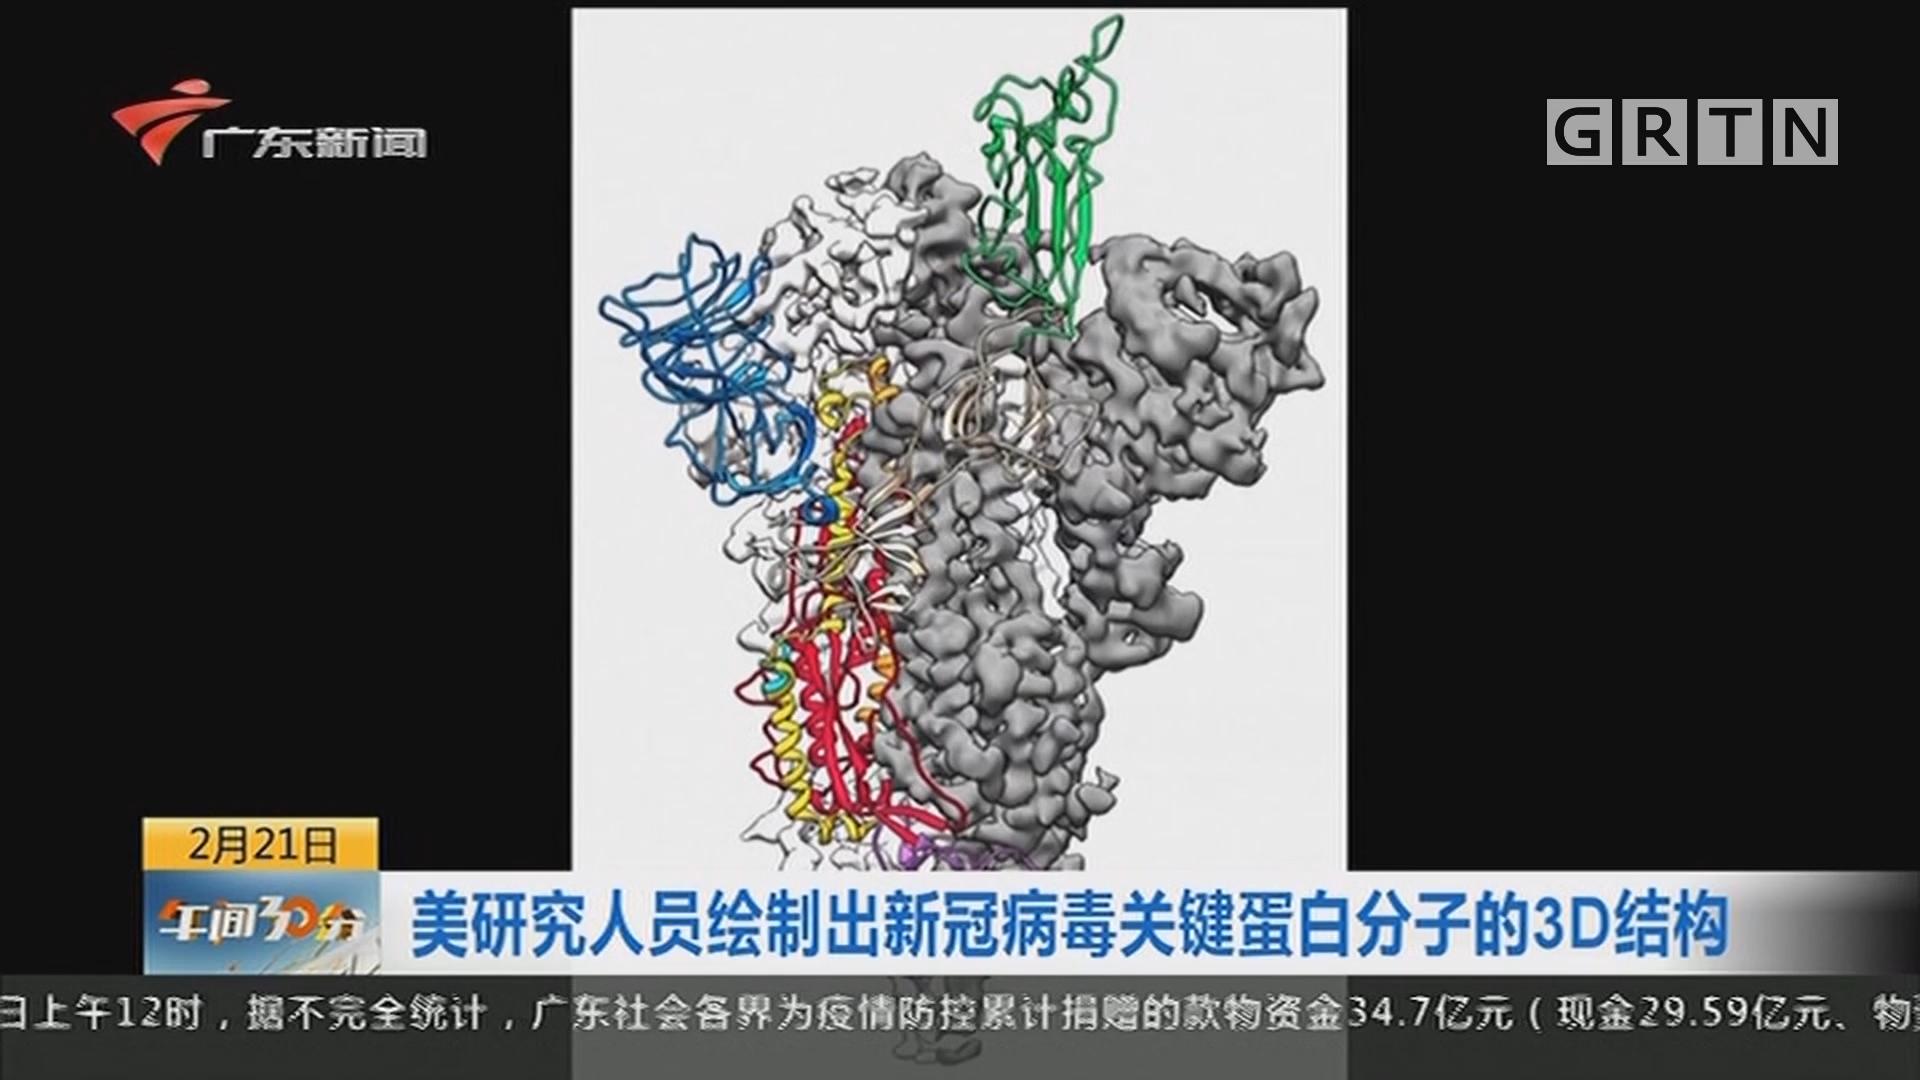 美研究人員繪制出新冠病毒關鍵蛋白分子的3D結構